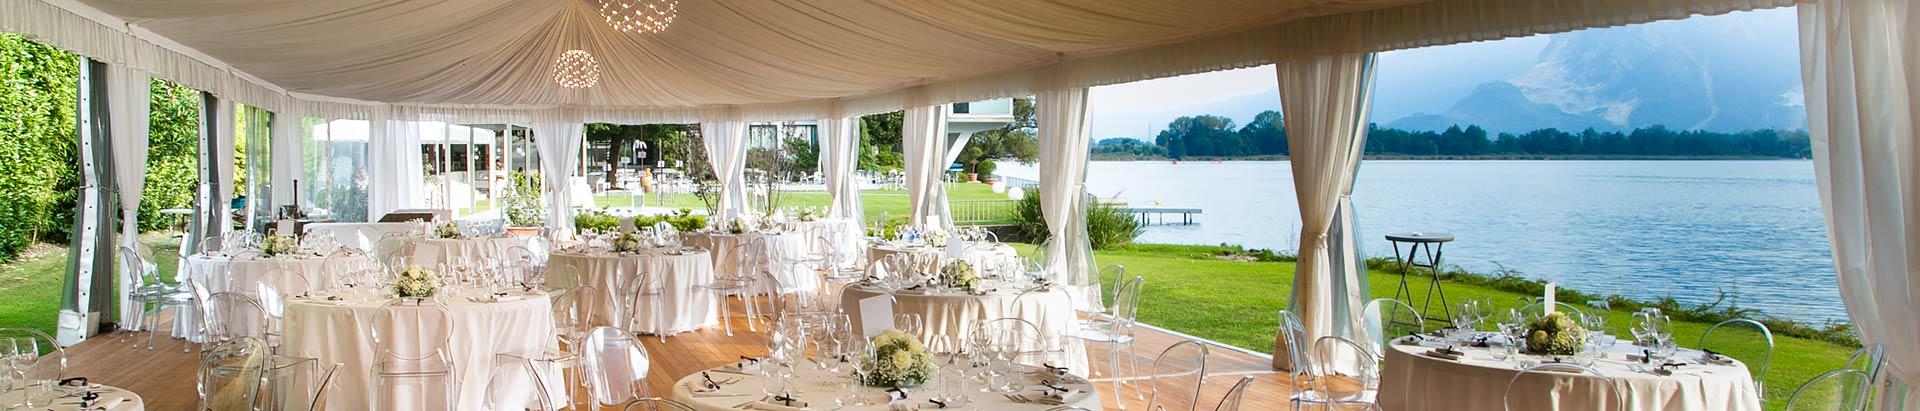 ristorante-matrimonio-lago-mergozzo